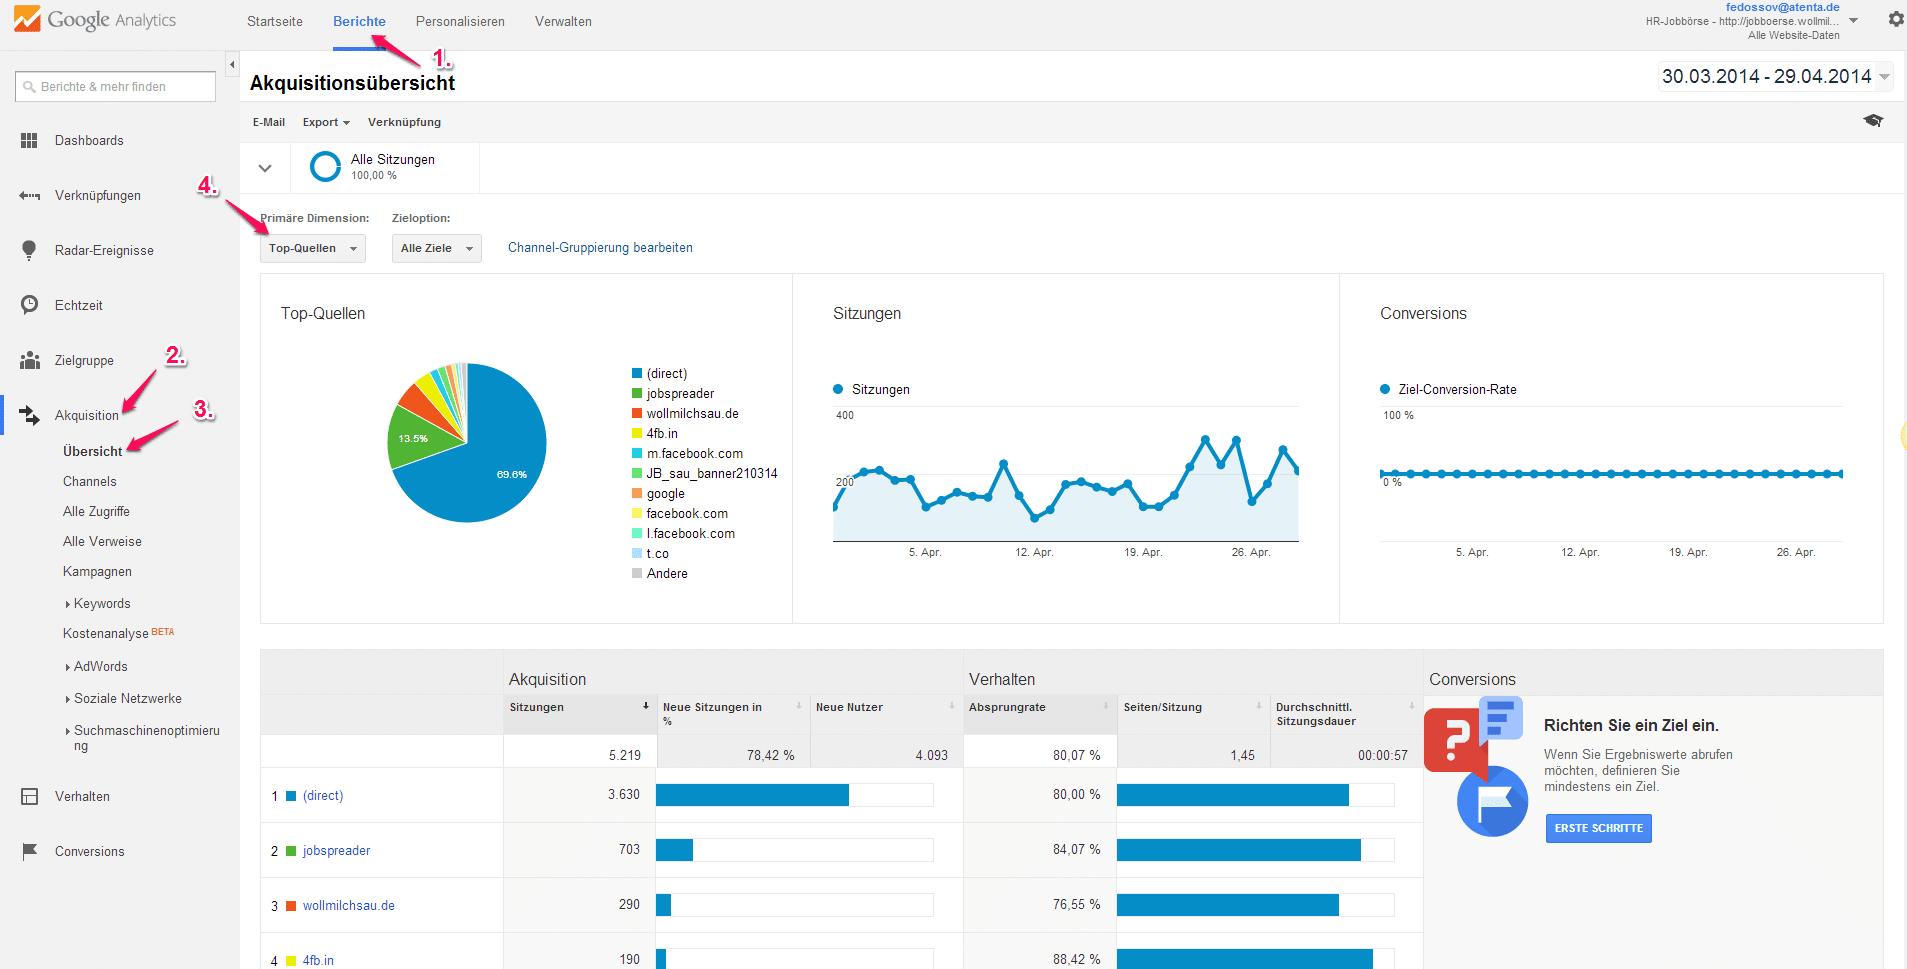 Google Analytics bietet eine schnelle Übersicht zu den wichtigsten Akquisitionskanälen - auch für Personaler.